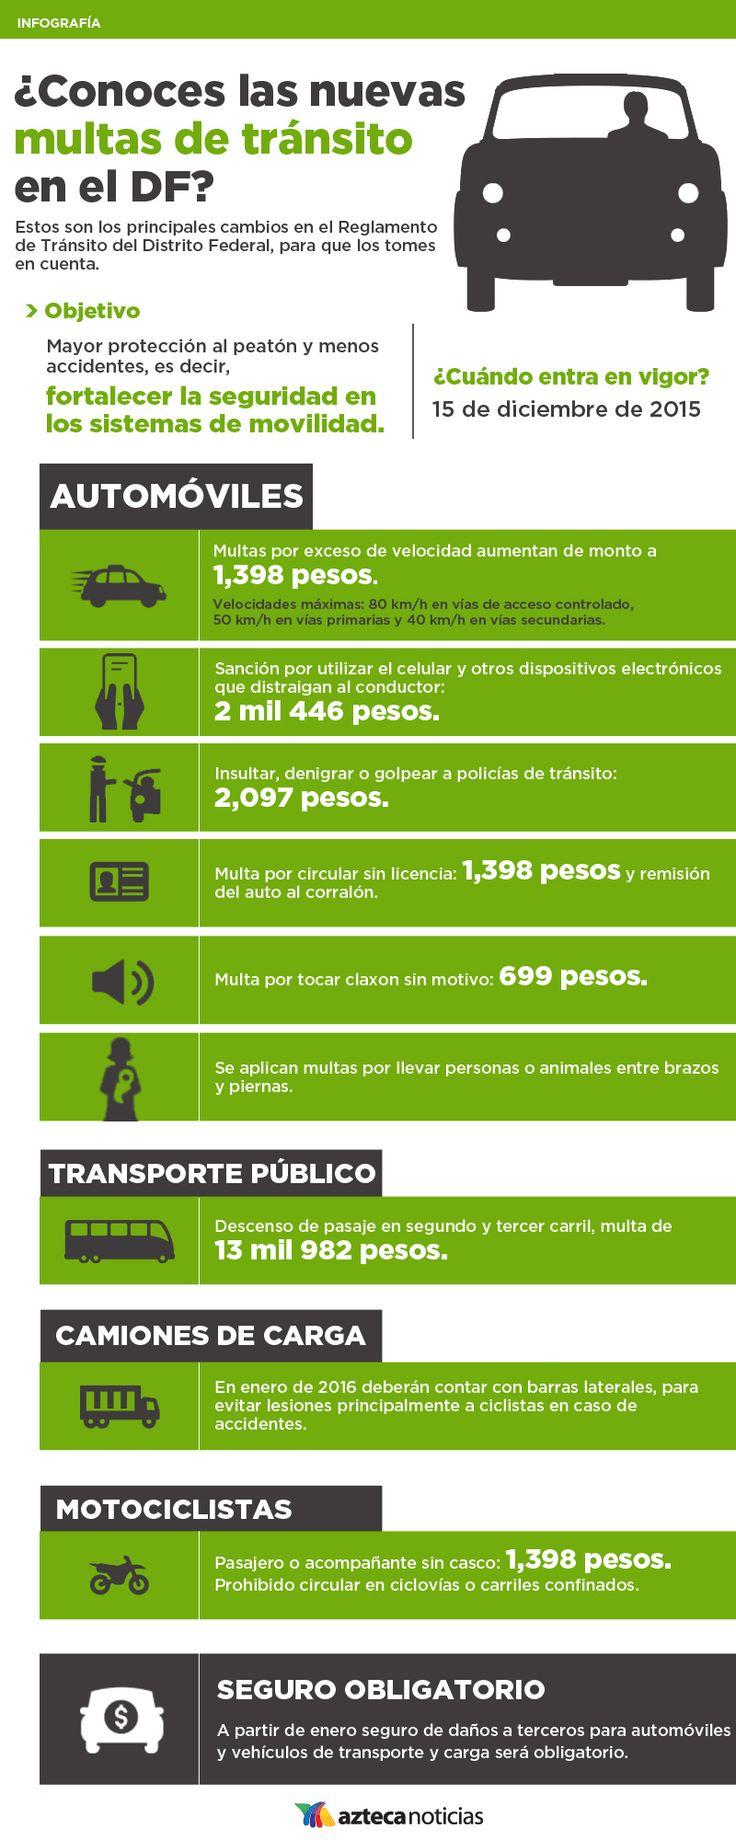 ¿Conoces las nuevas multas de tránsito en el DF? #infografia